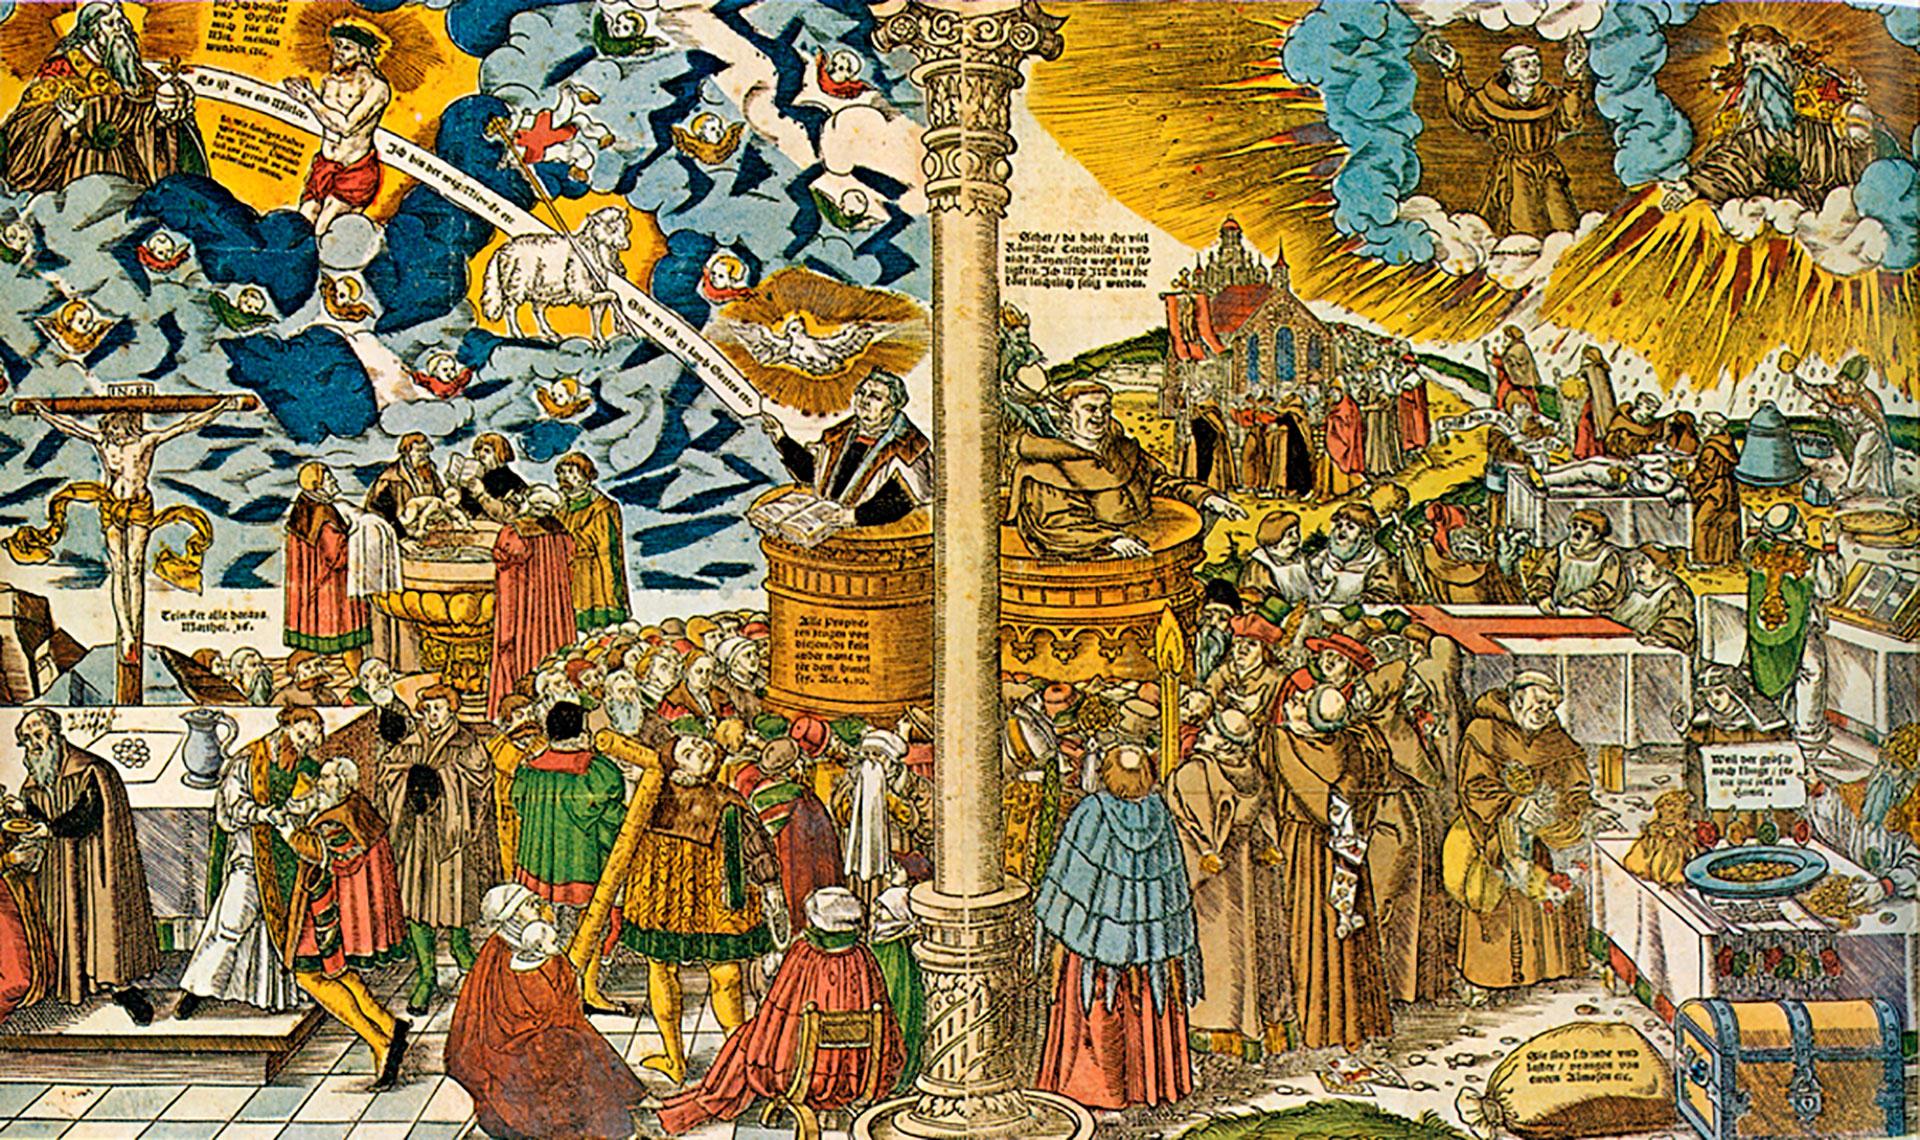 La verdadera religión de Cristo y la falsa doctrina del Anticristo. Cuadro de Lucas Cranach el Joven, año 1545